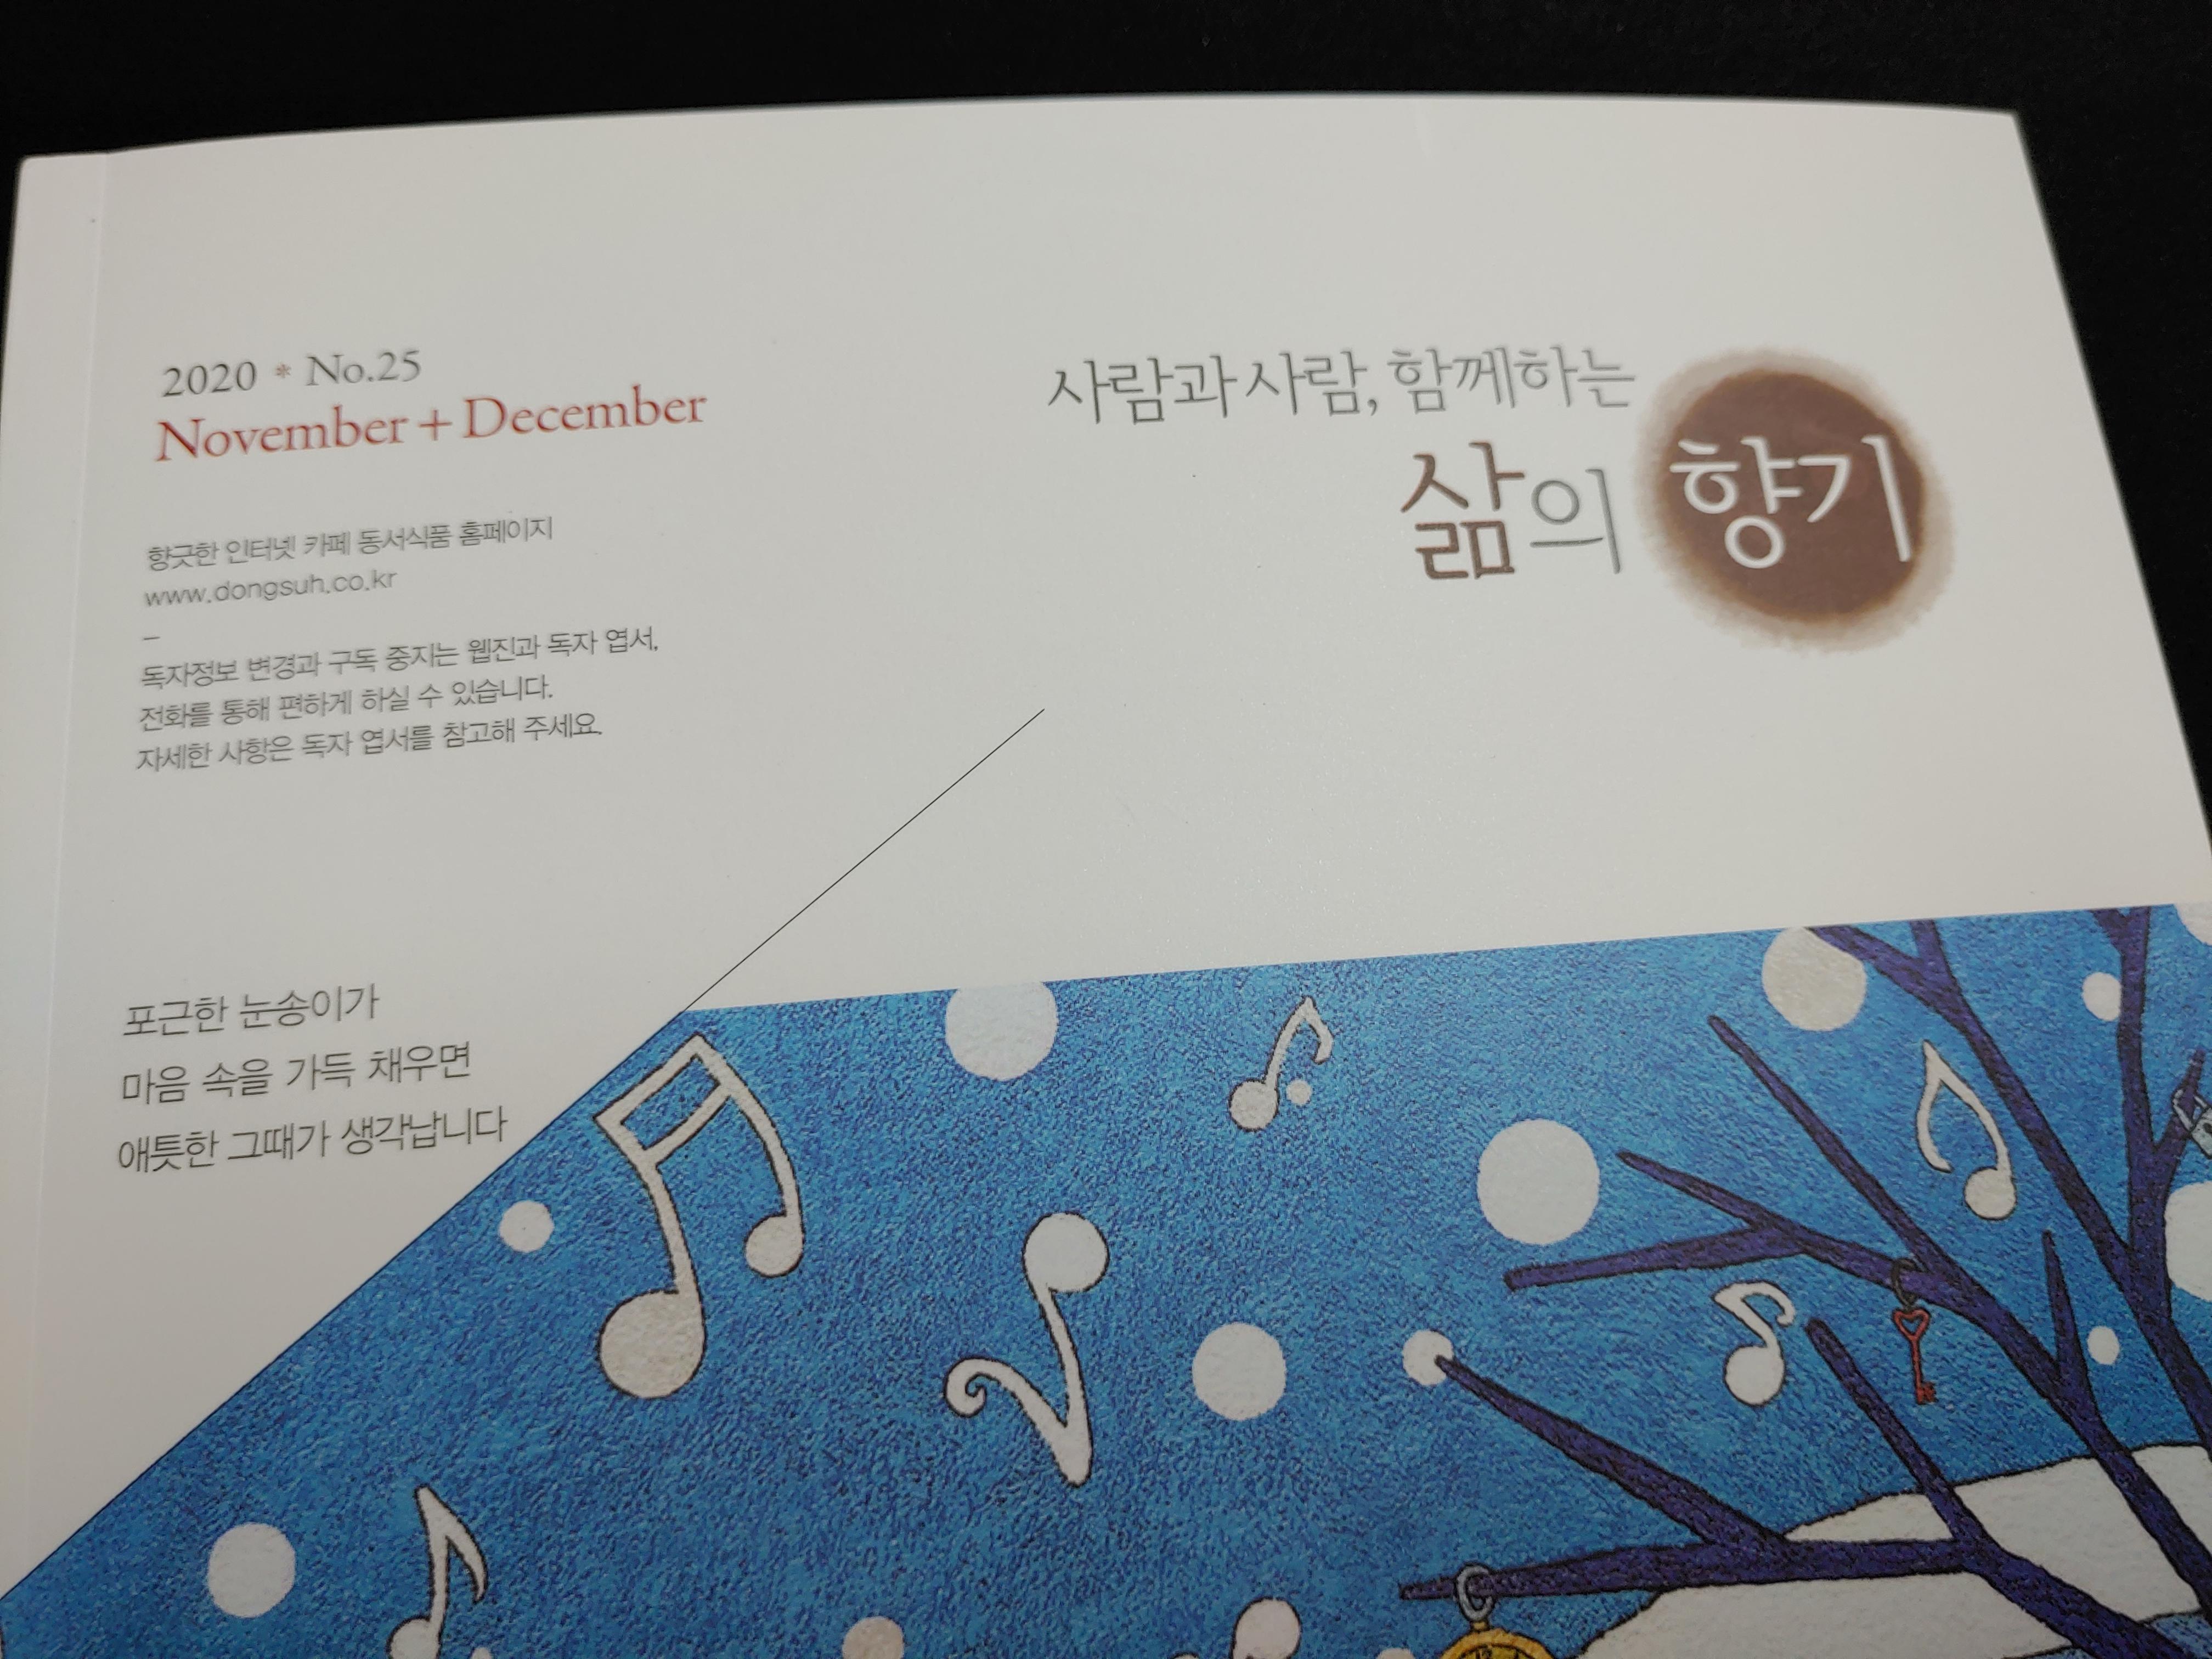 믹스 커피 애호가의 삶의 향기 / 2020 동서커피클래식 SPECIAL